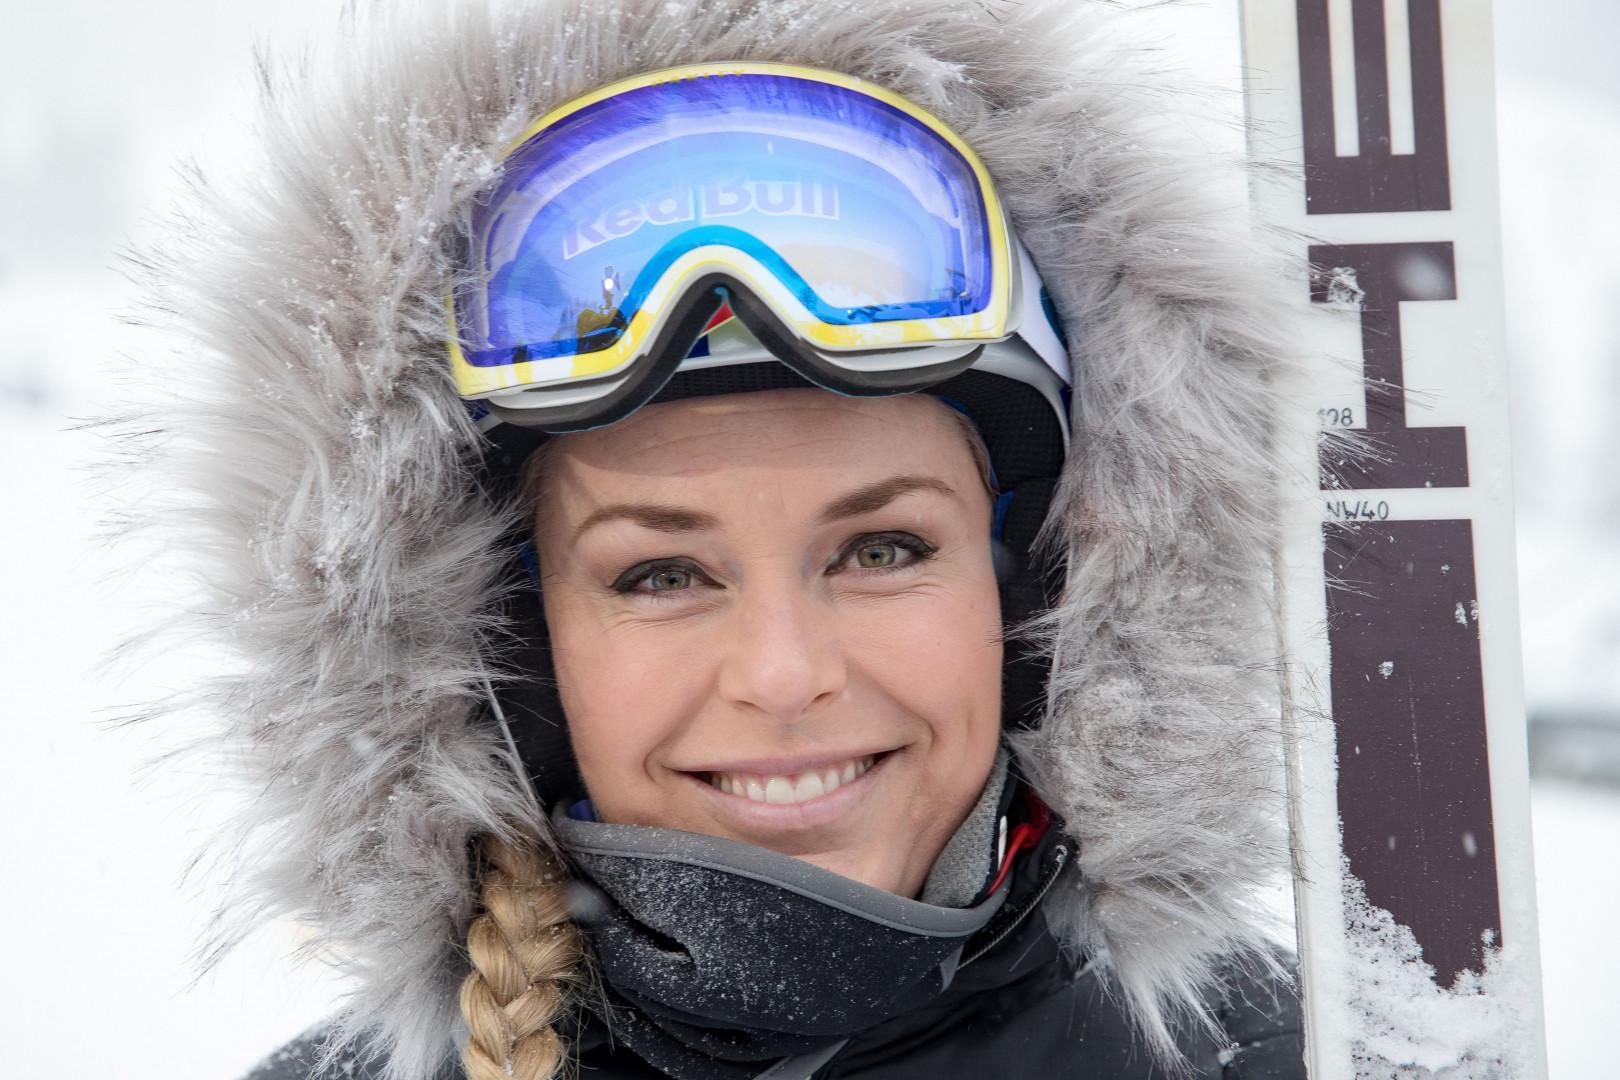 Lindsey Vonn est une skieuse américaine et fondatrice d'une association qui a pour but d'inspirer les filles à faire du sport. Instagram/lindseyvonn/